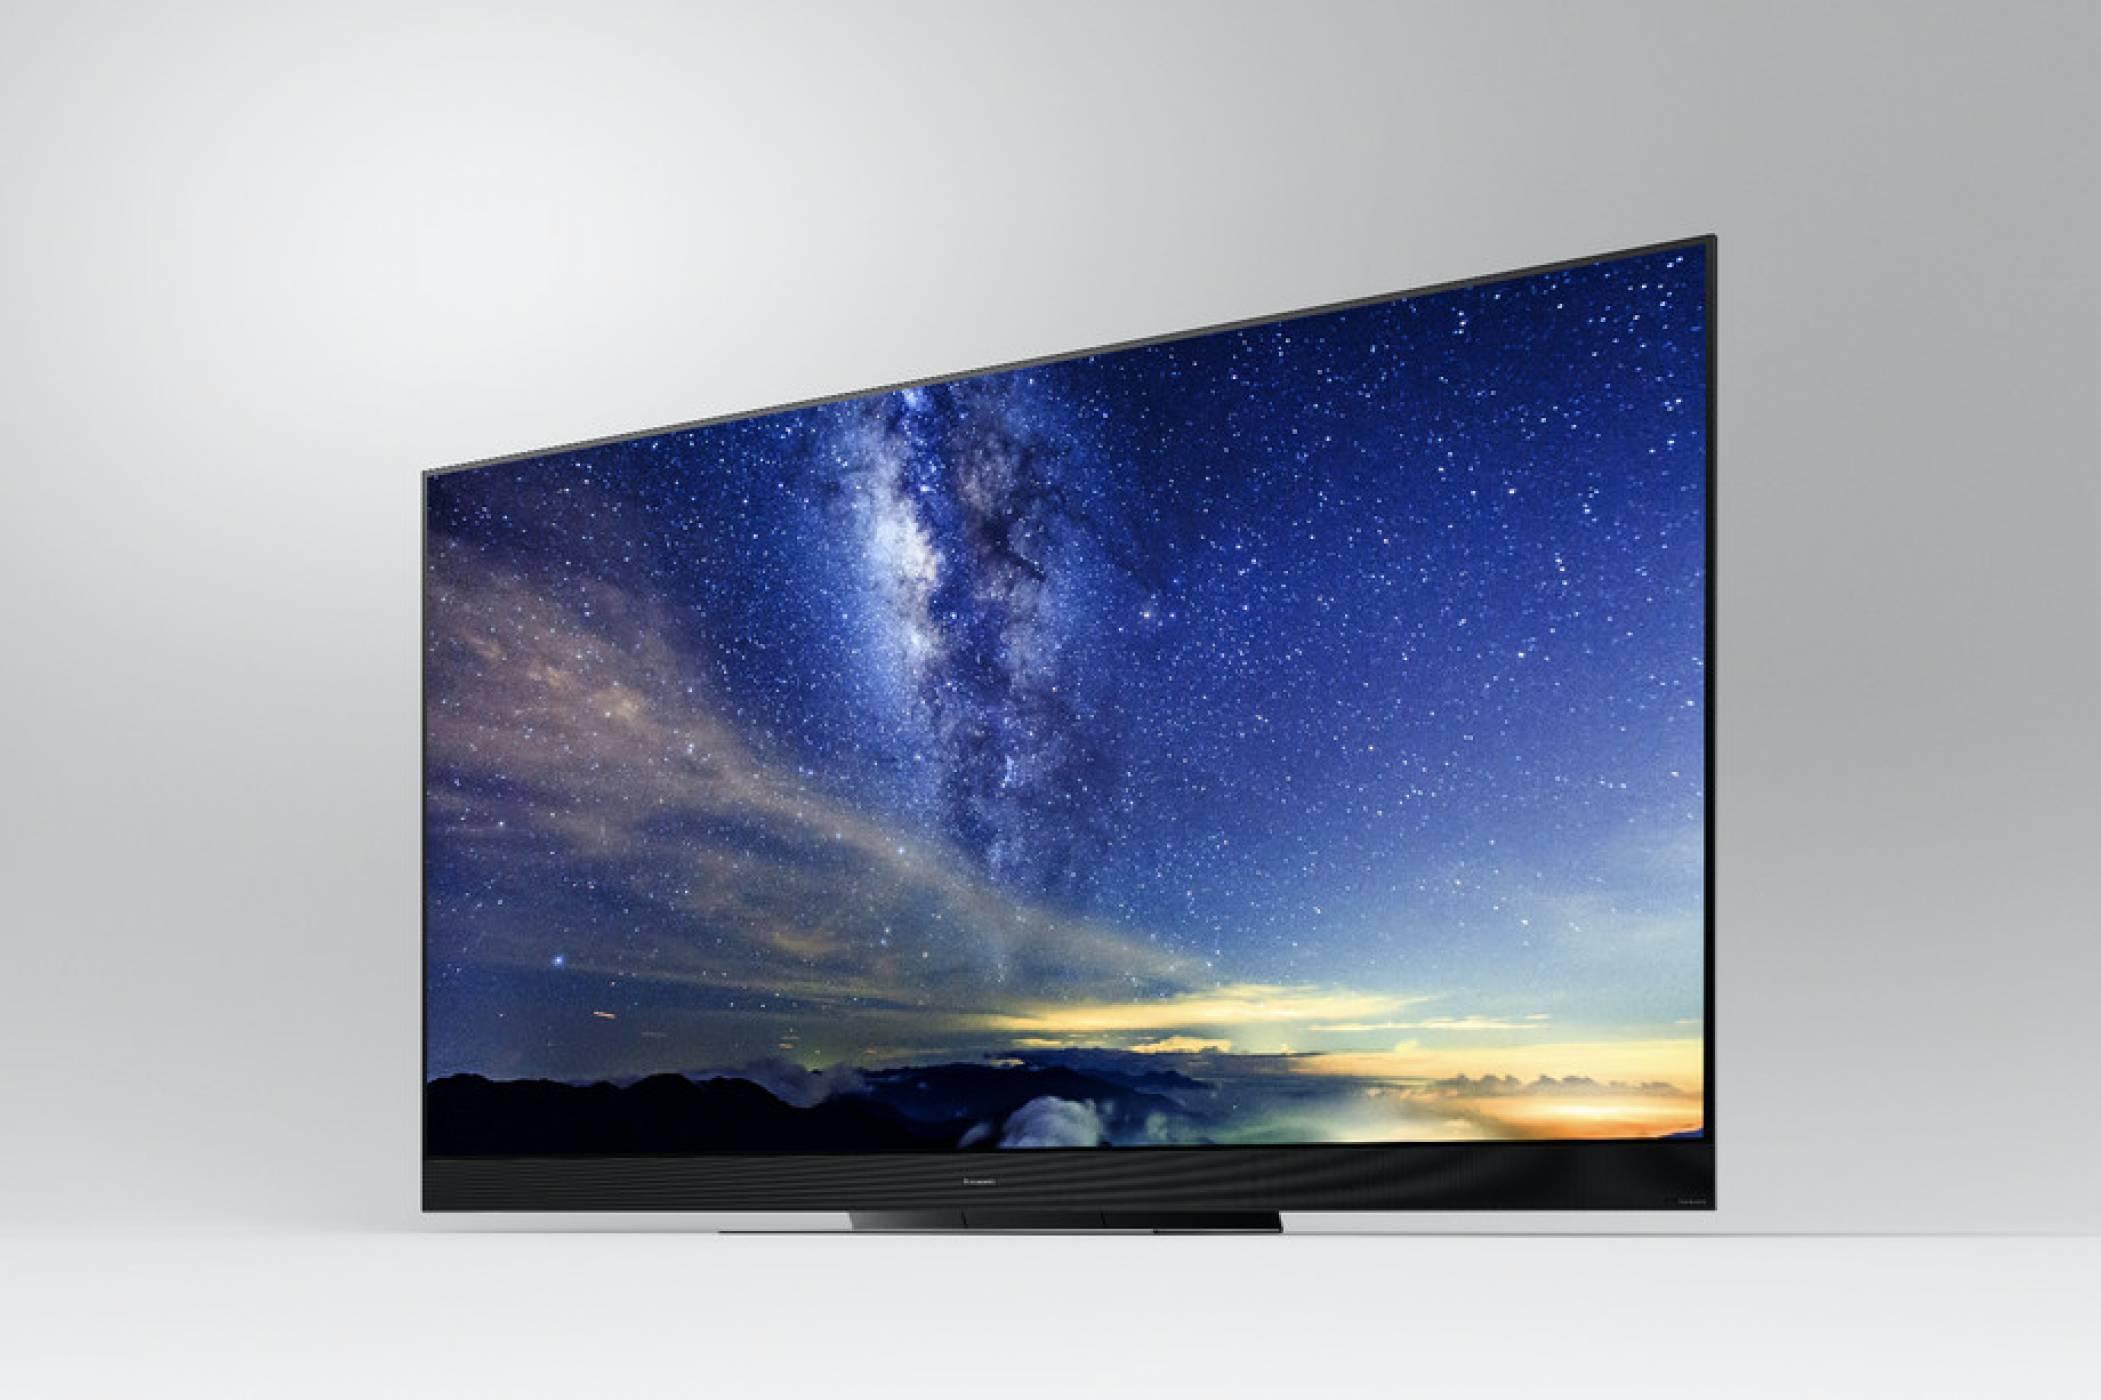 CES 2019: Кино и телевизор в едно с новото предложение на Panasonic